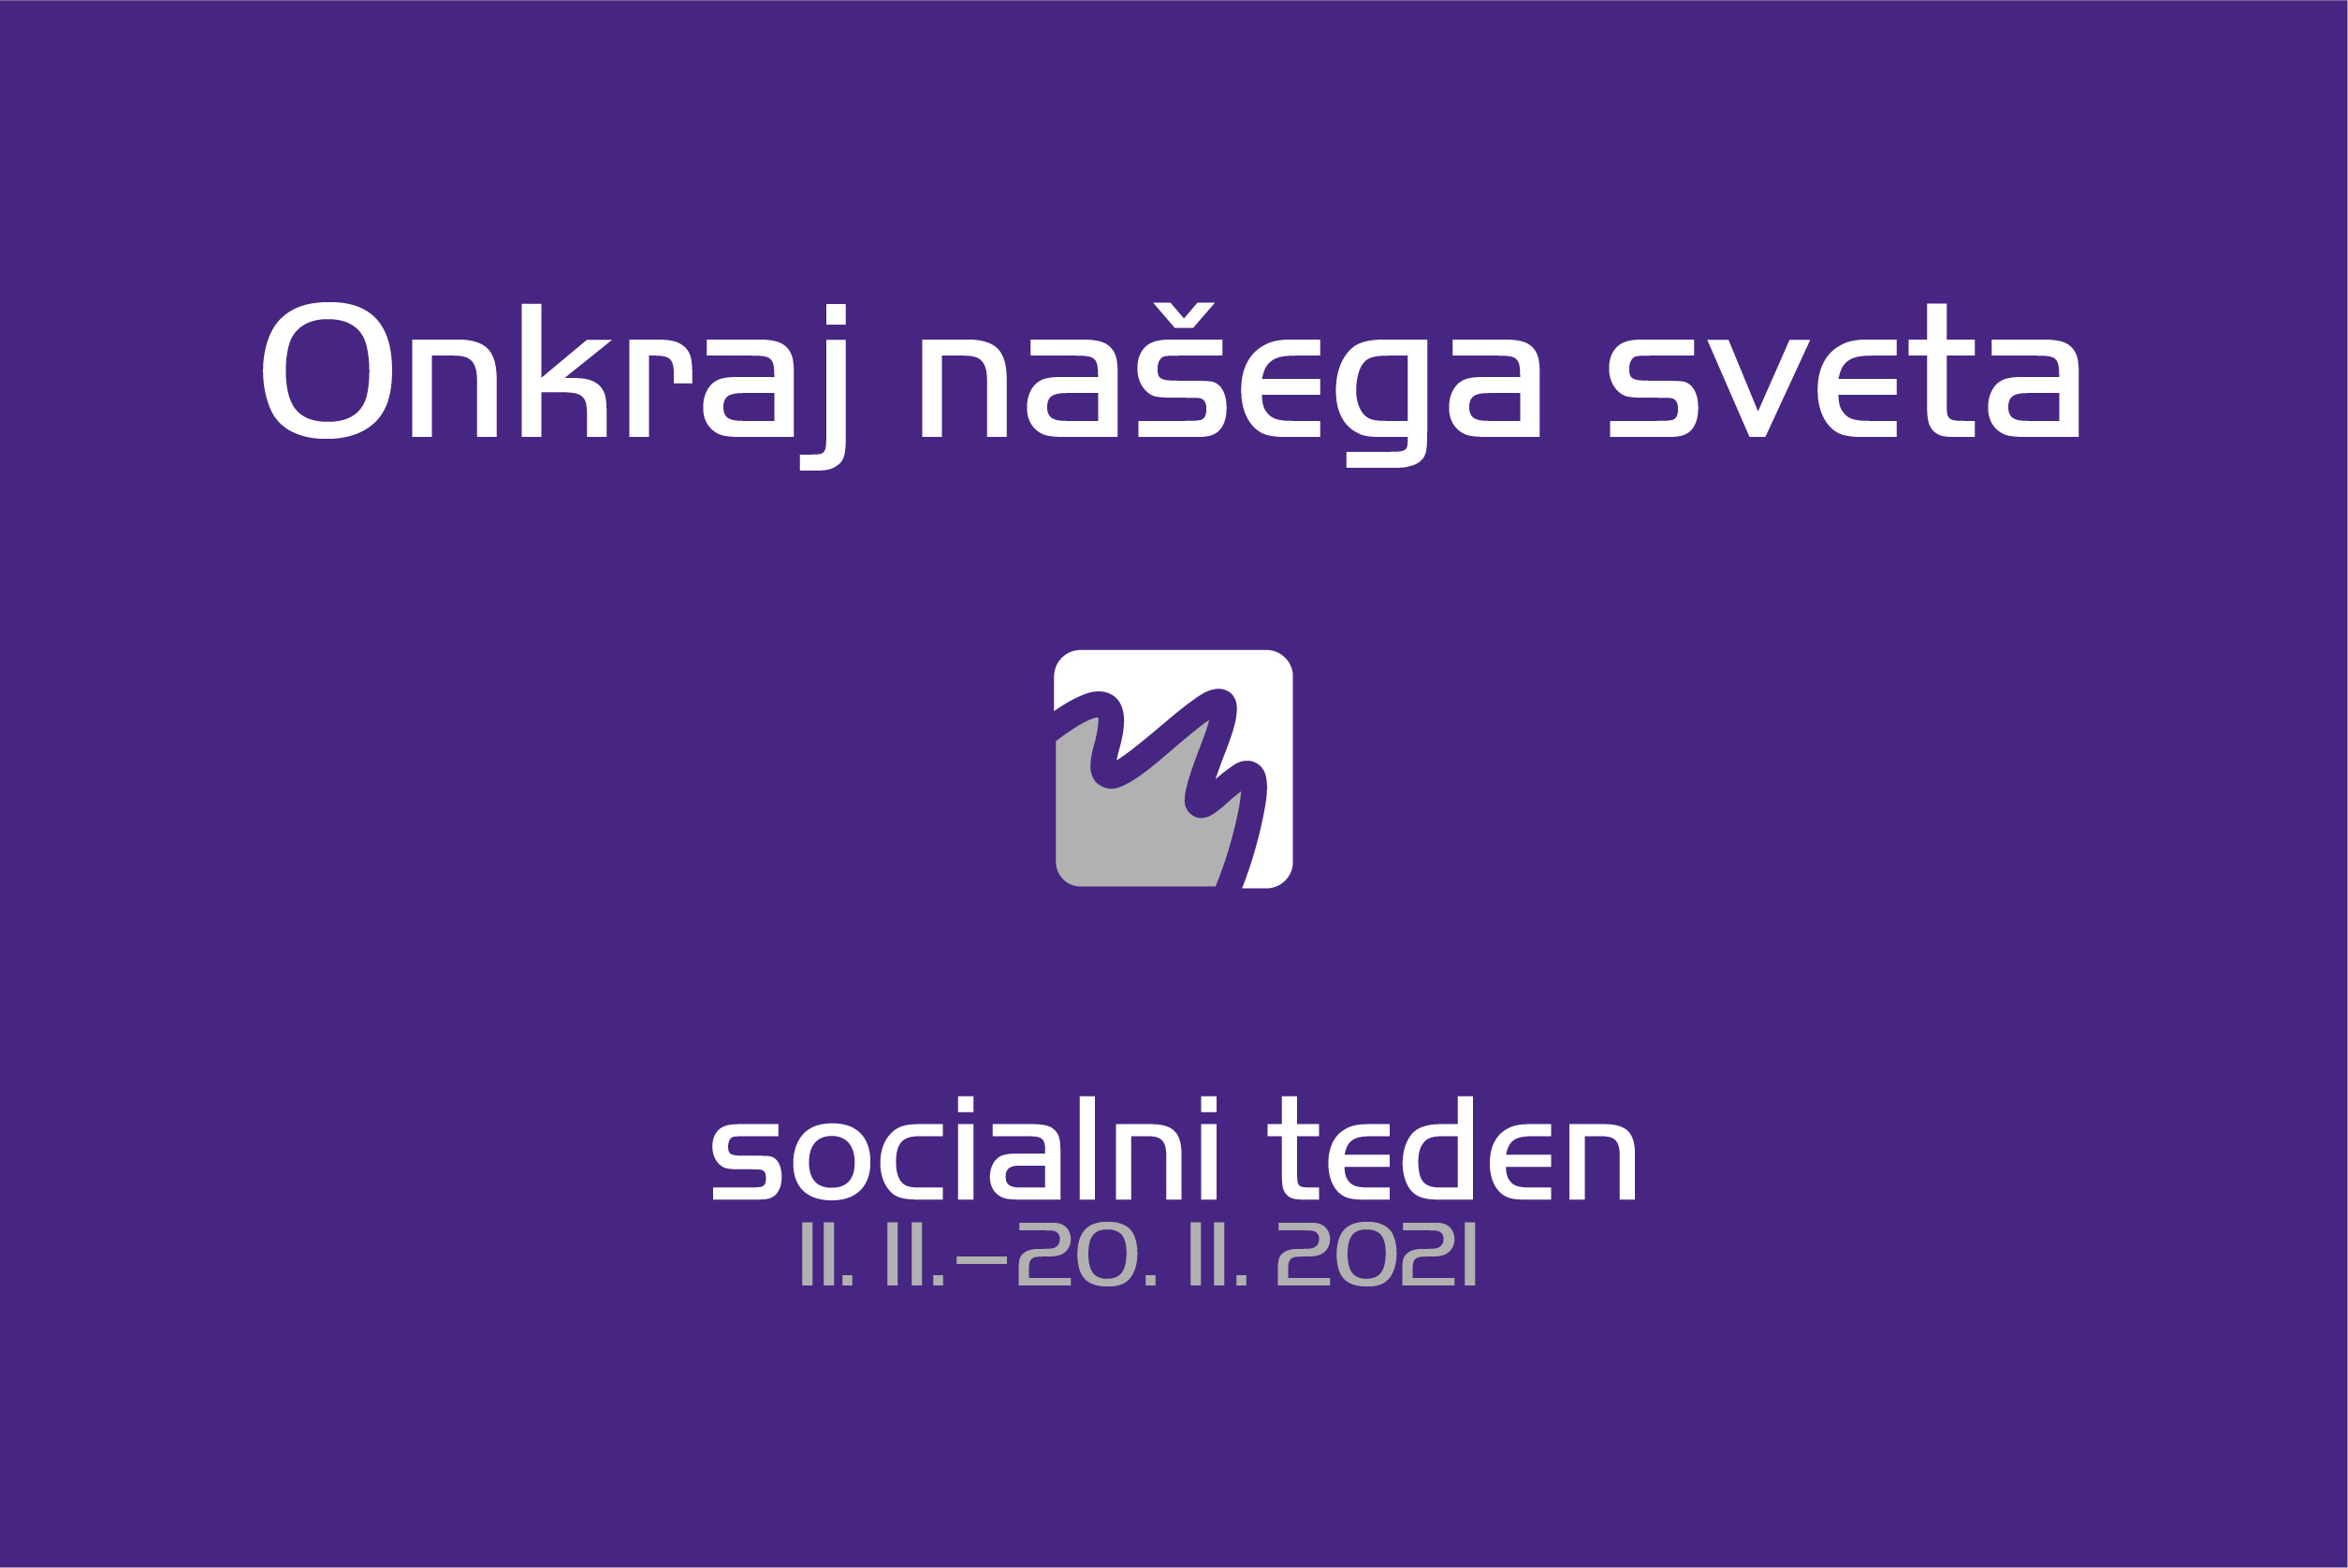 Poslanica Socialnega tedna 2021